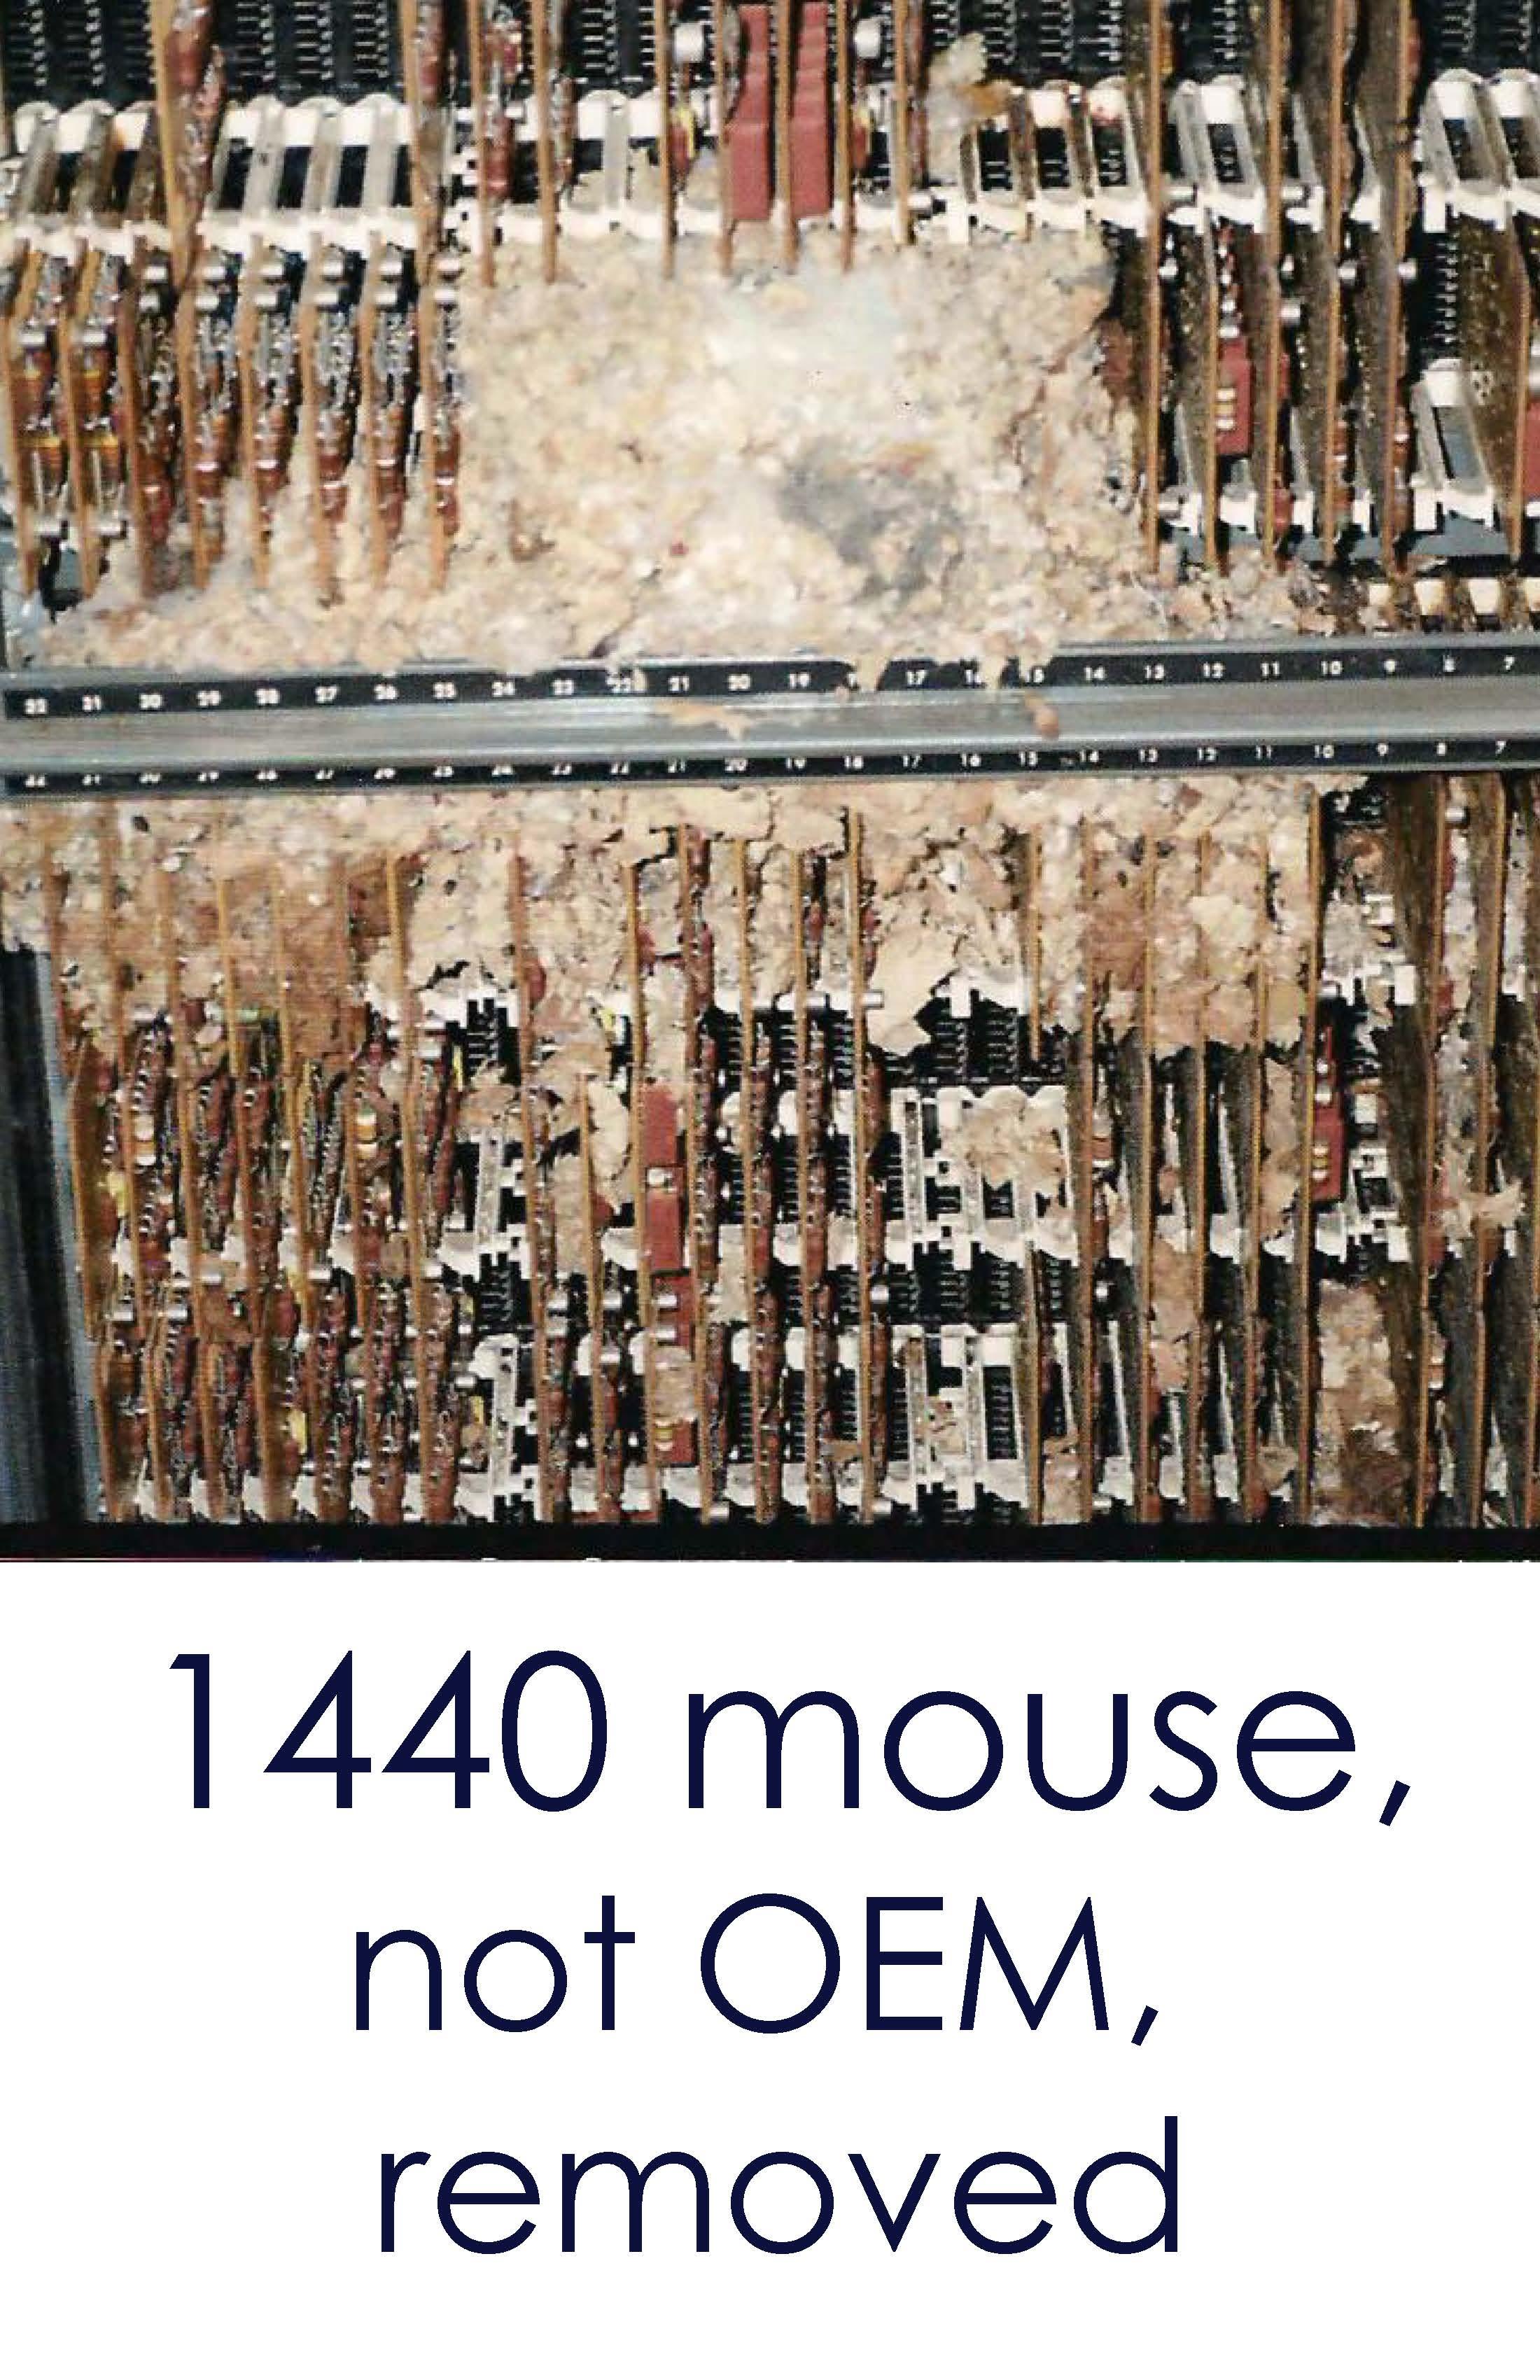 Mouse not OEM.jpg